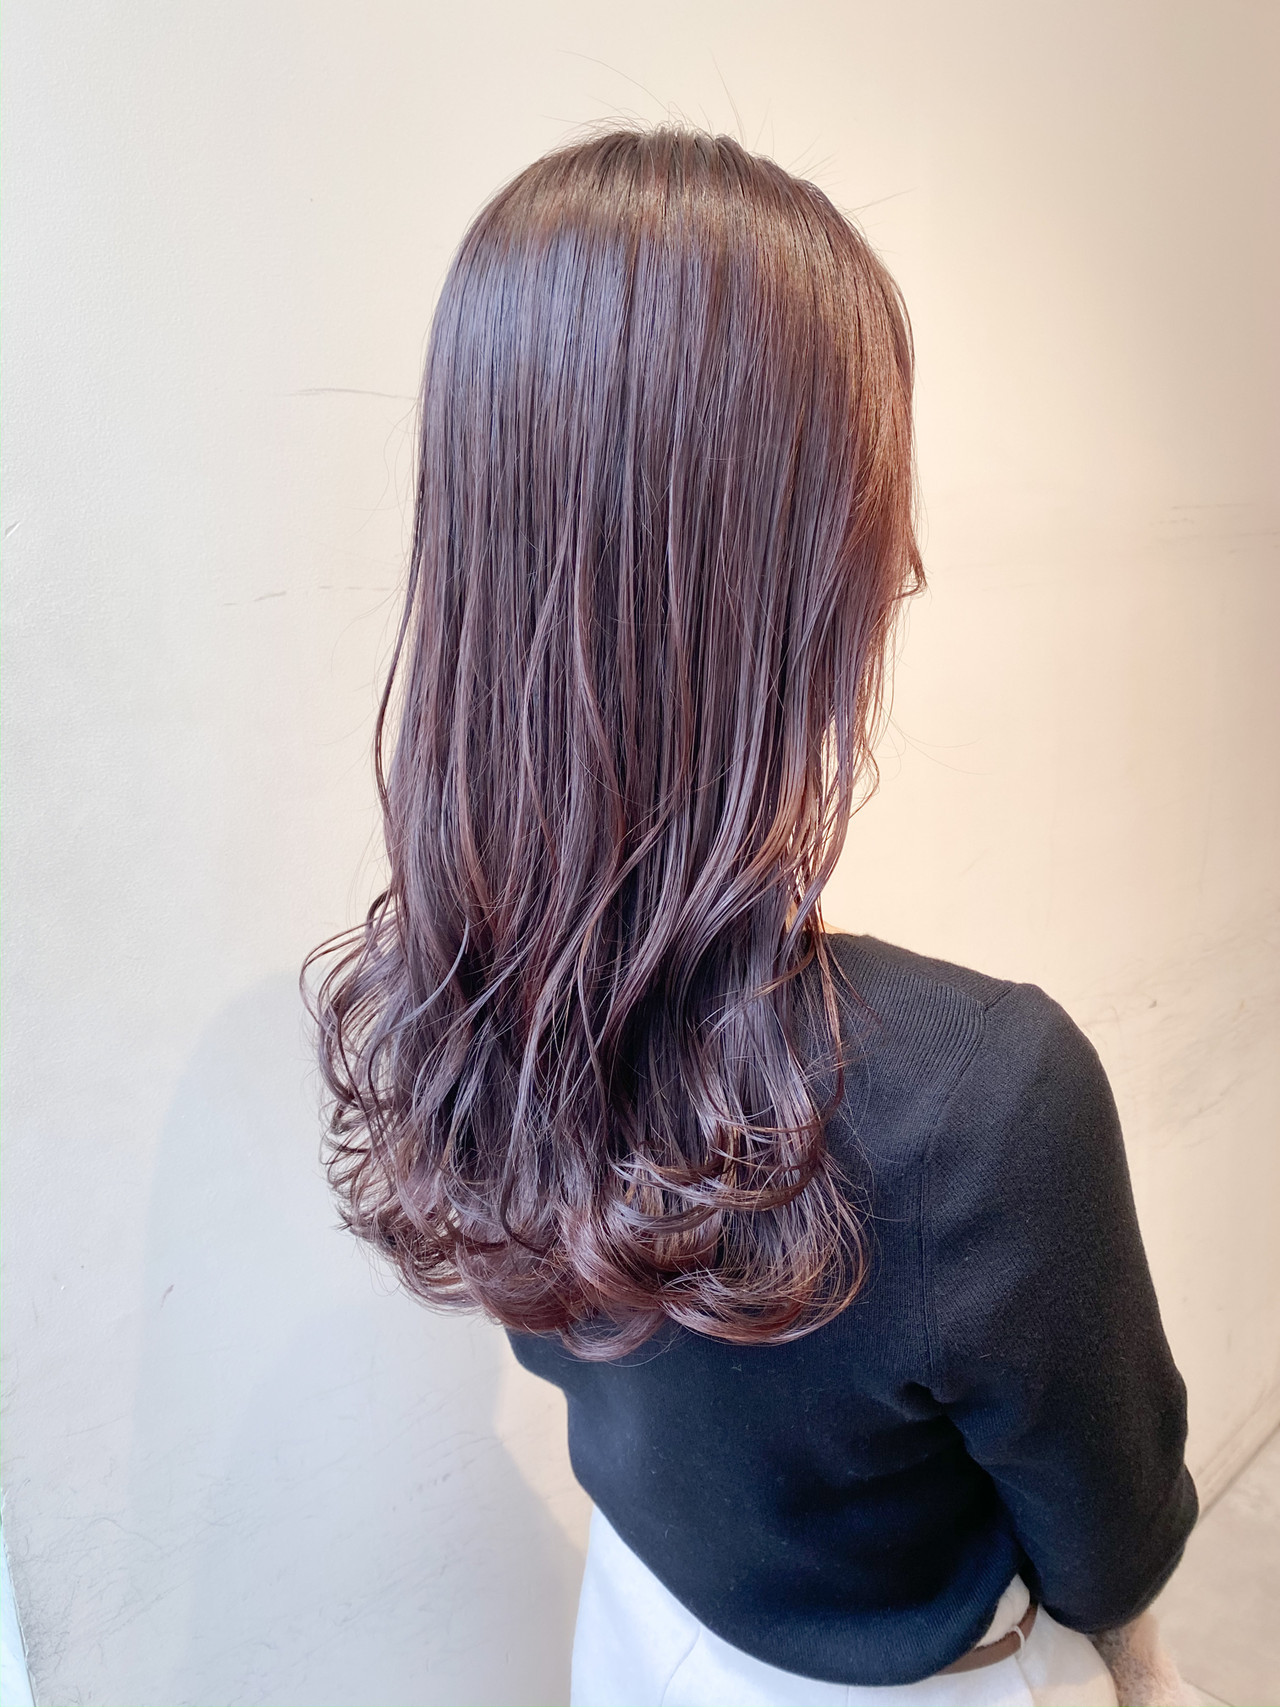 ピンクアッシュ セミロング フェミニン ピンクバイオレット ヘアスタイルや髪型の写真・画像